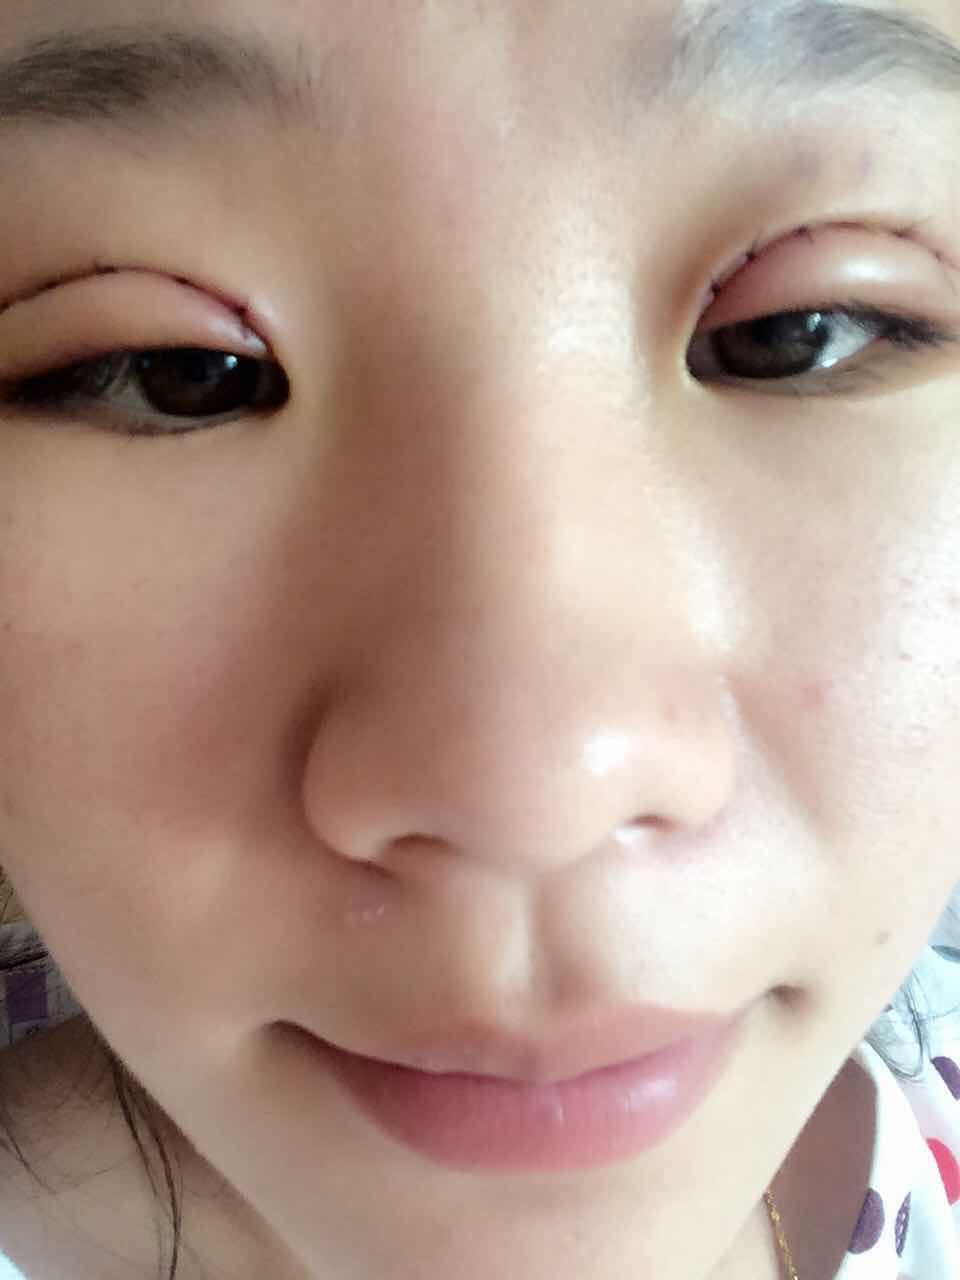 全切双眼皮 去脂 第七天案例~我终于告别了19年的单眼皮和肿眼泡